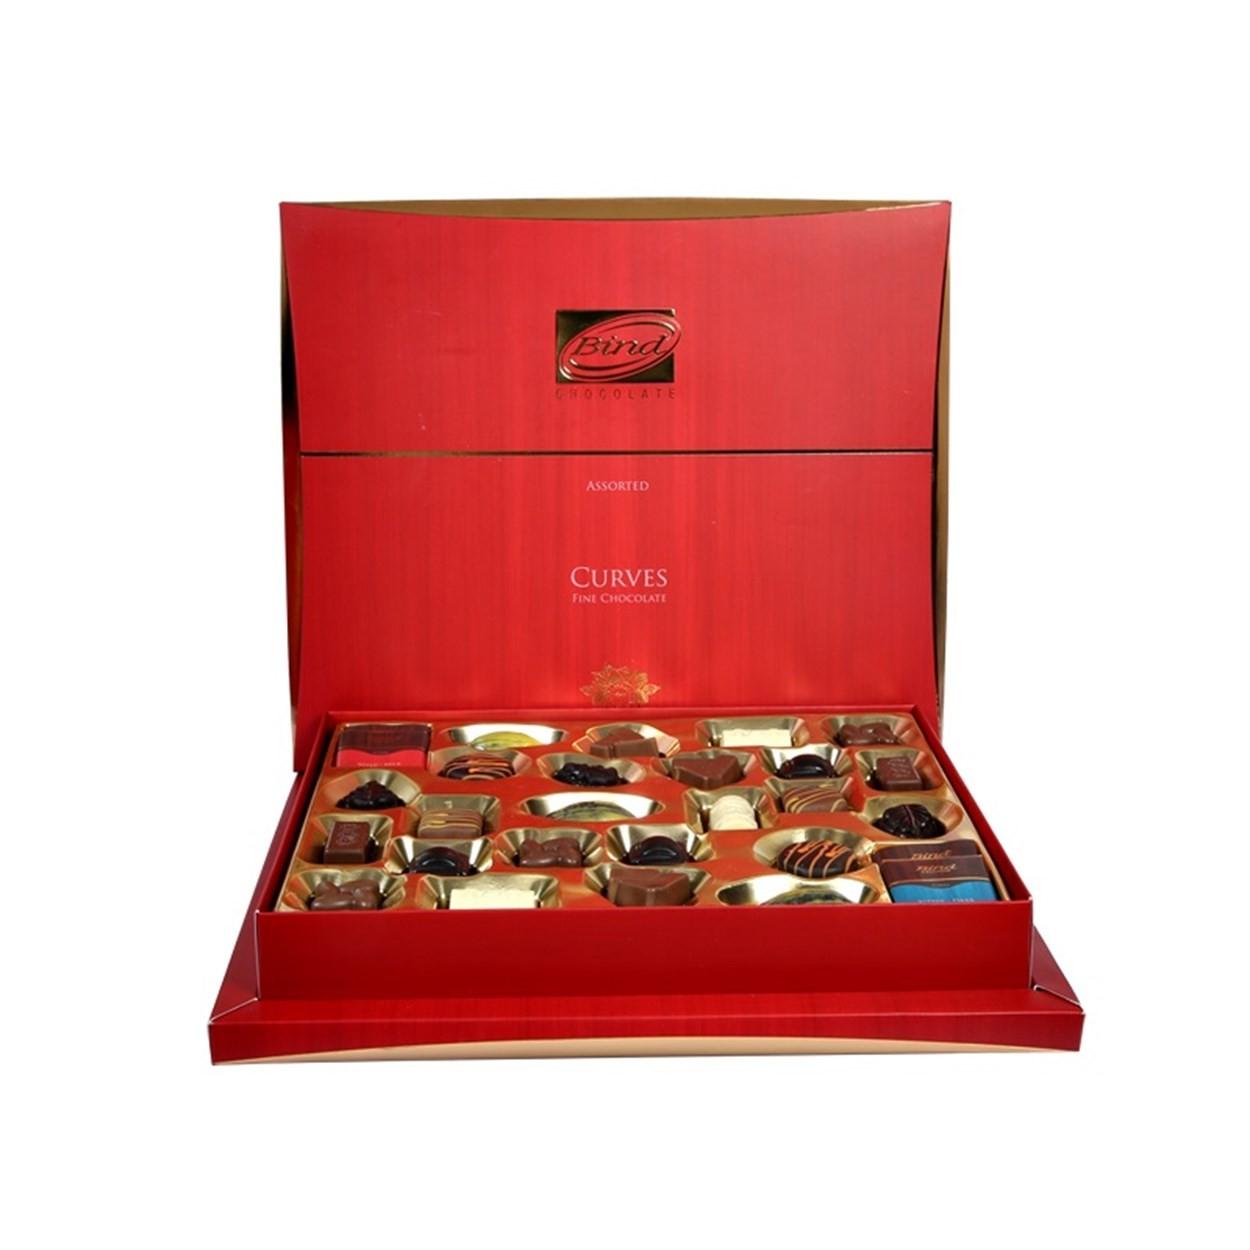 Конфеты шоколадные ассорти Curves Fine Chocolate BIND фото